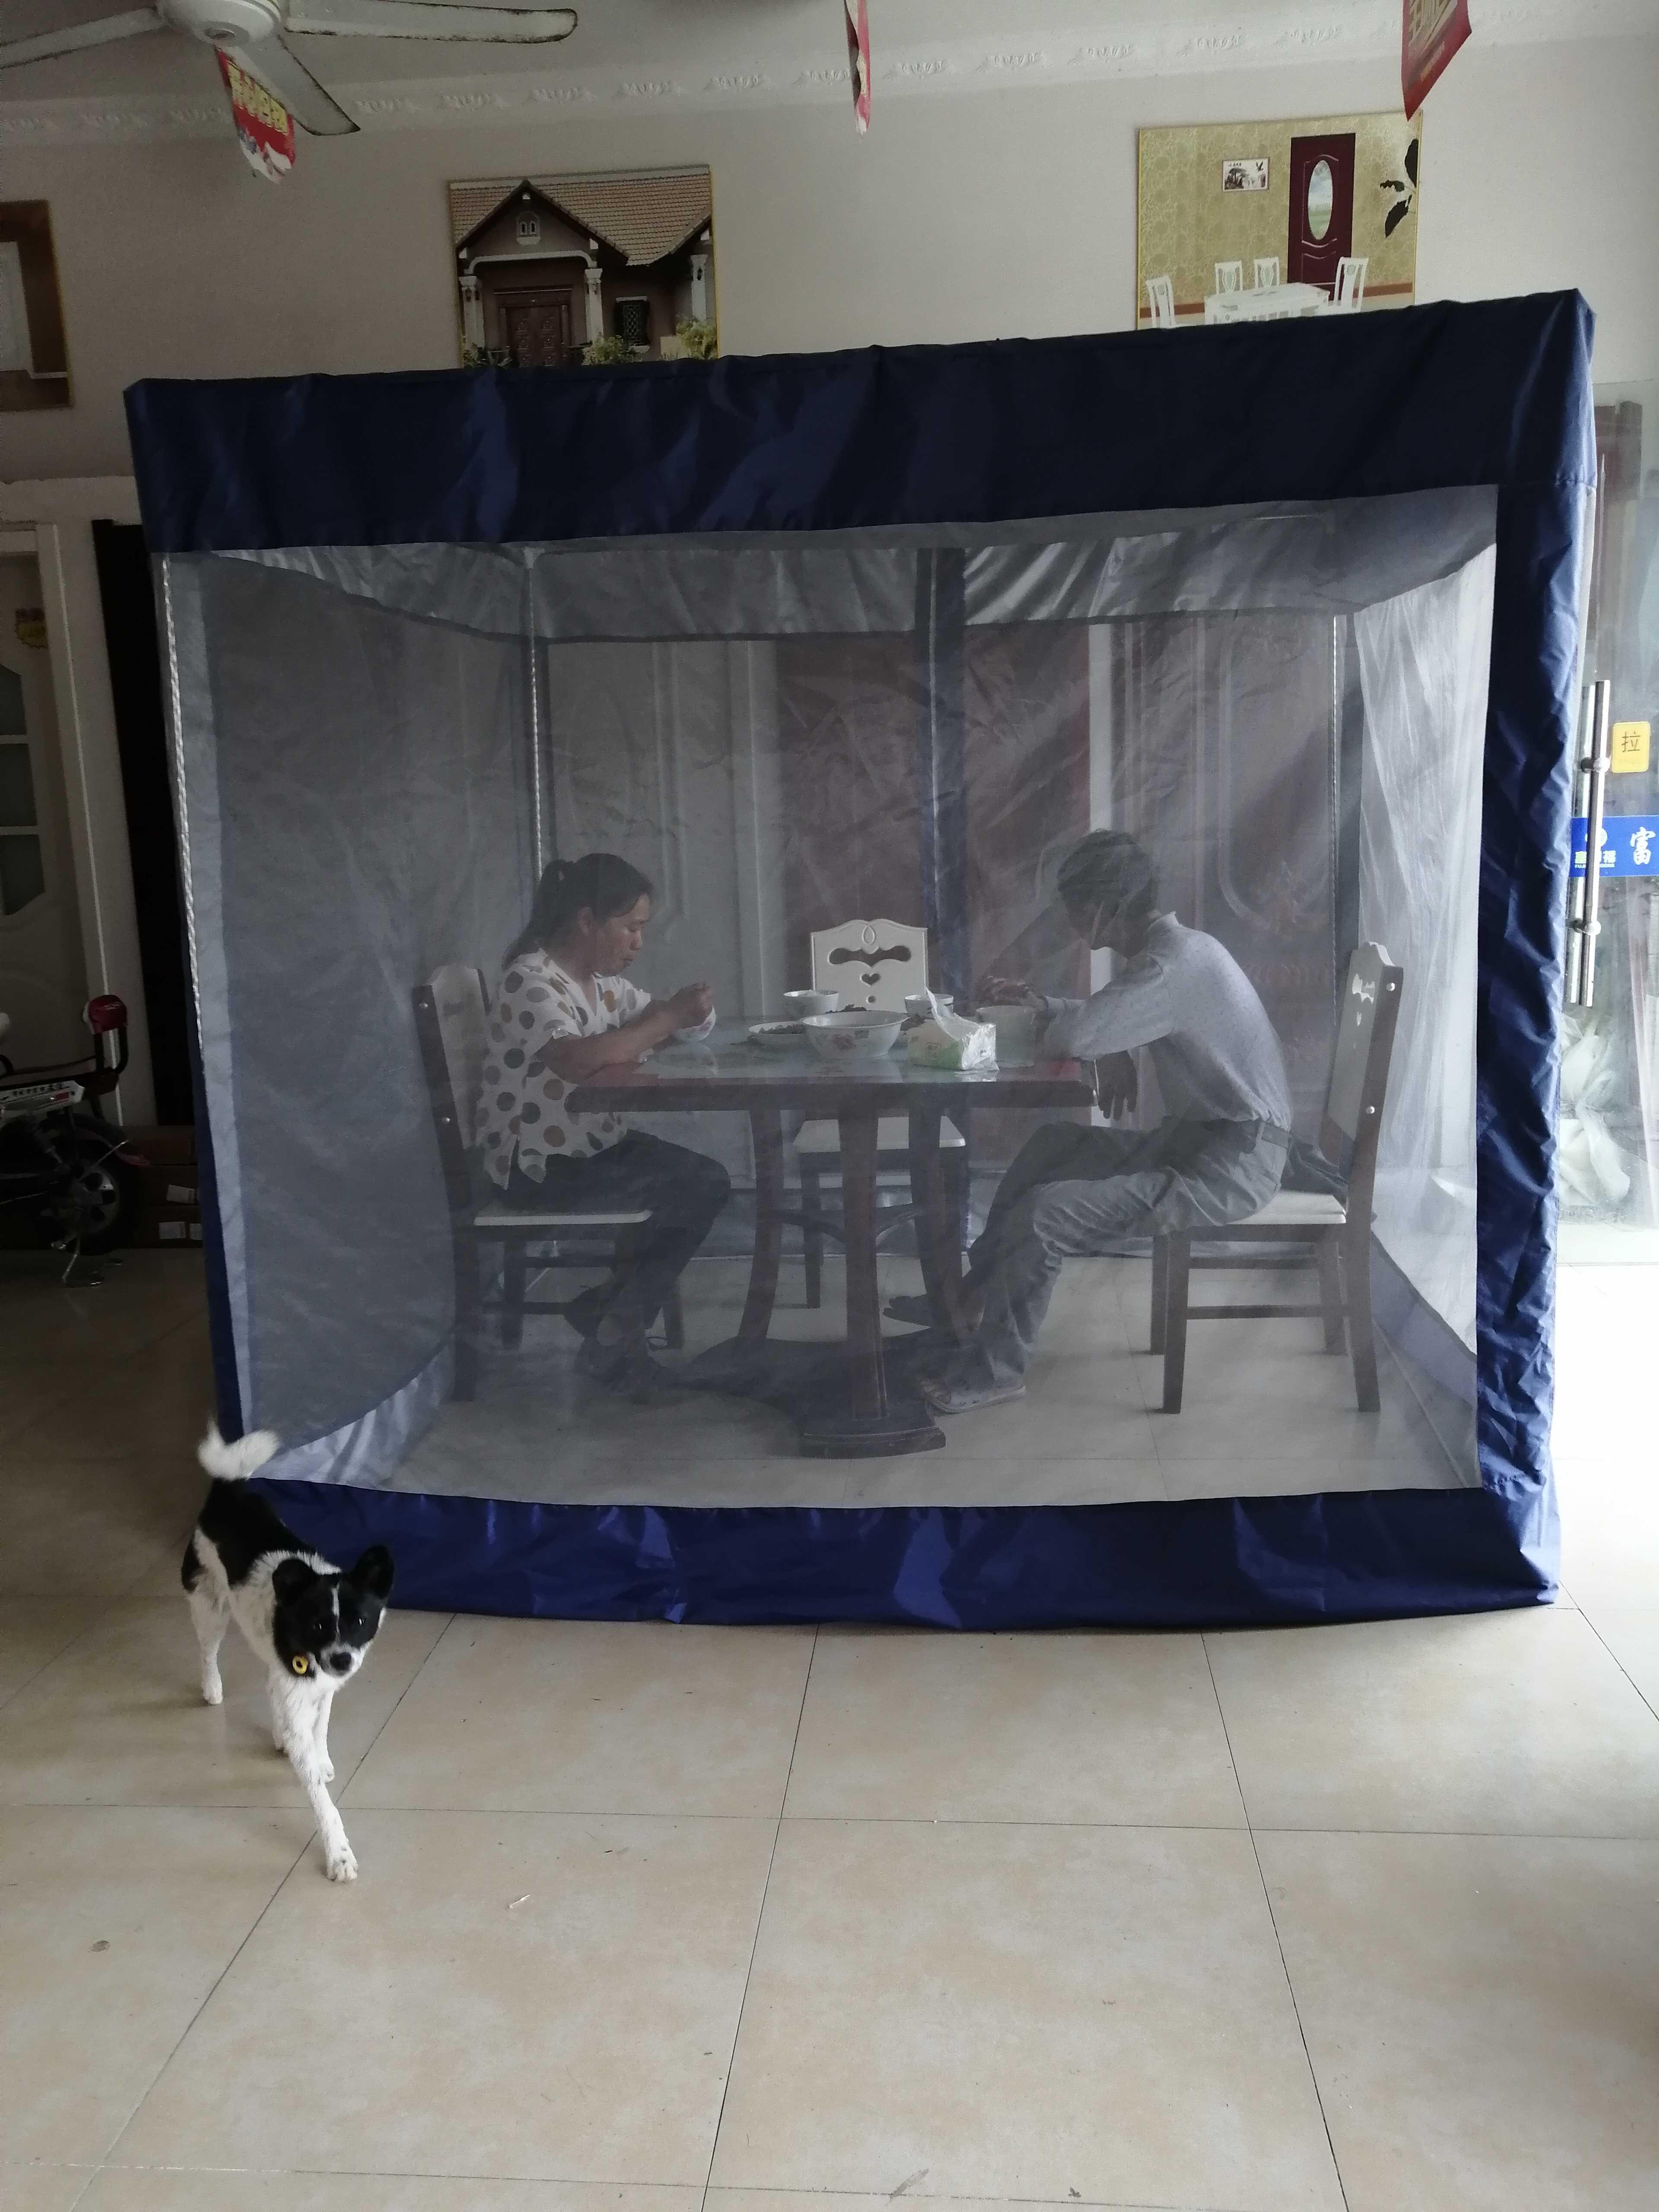 上新户外房间庭院吃饭聊天防蚊防苍蝇神器网纱透气帐篷蚊帐